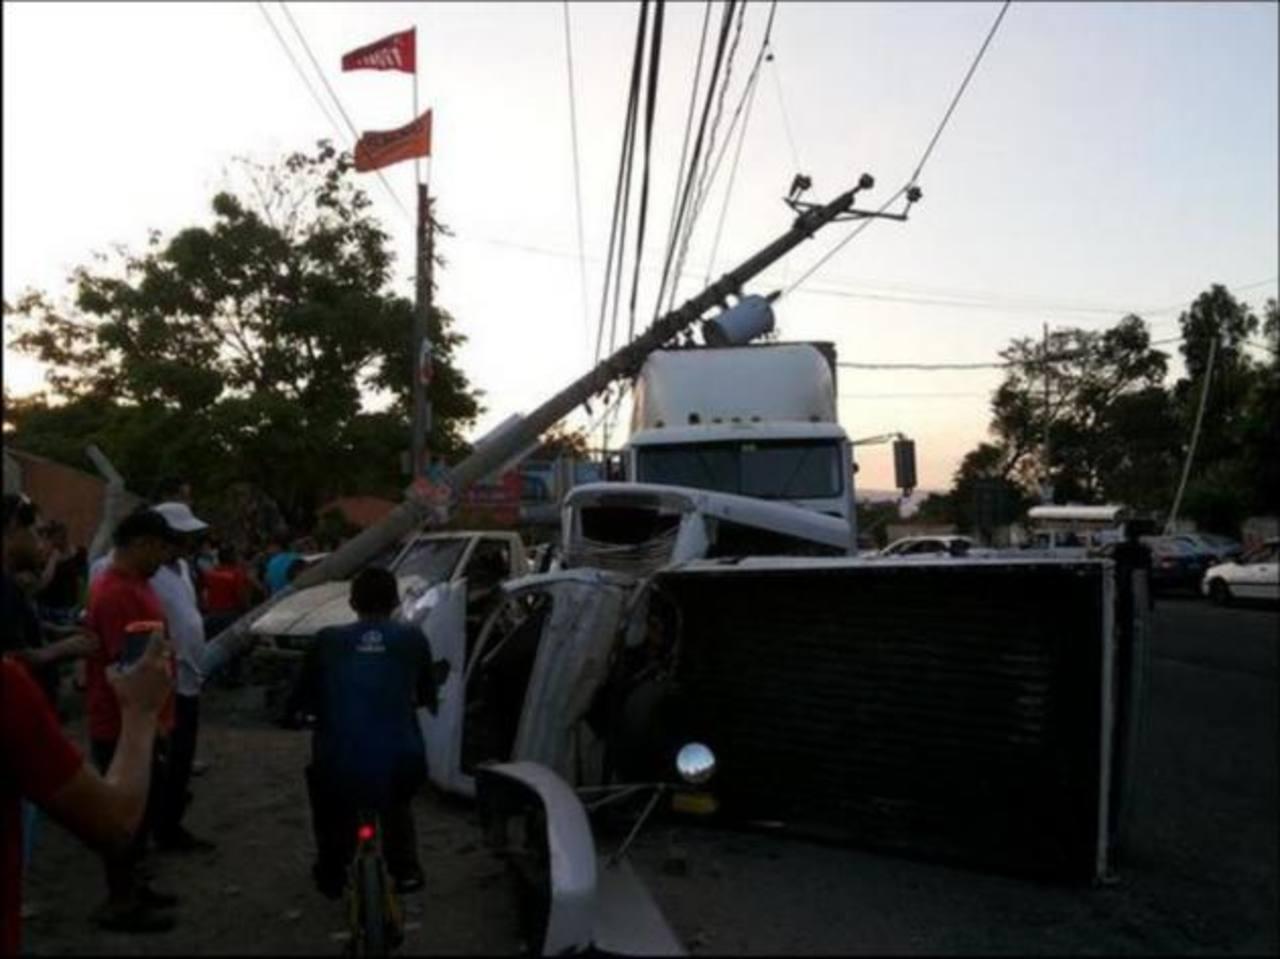 Aparatoso accidente vial en carretera a Santa Ana